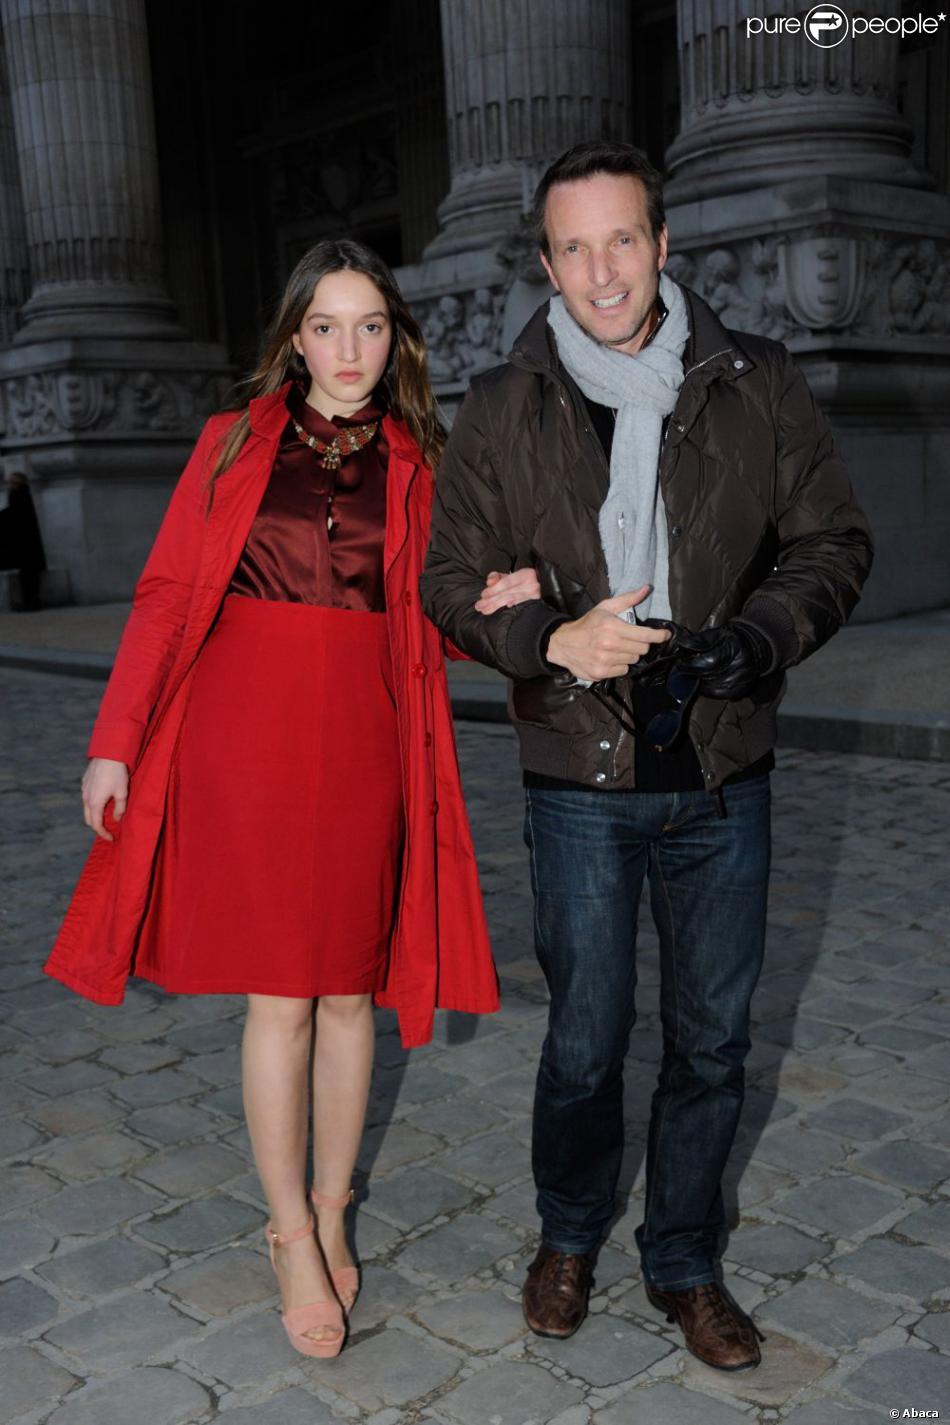 St phane rotenberg et sa fille arrivent au grand palais pour le d fil vanessa bruno paris le - Stephane marie et sa compagne ...